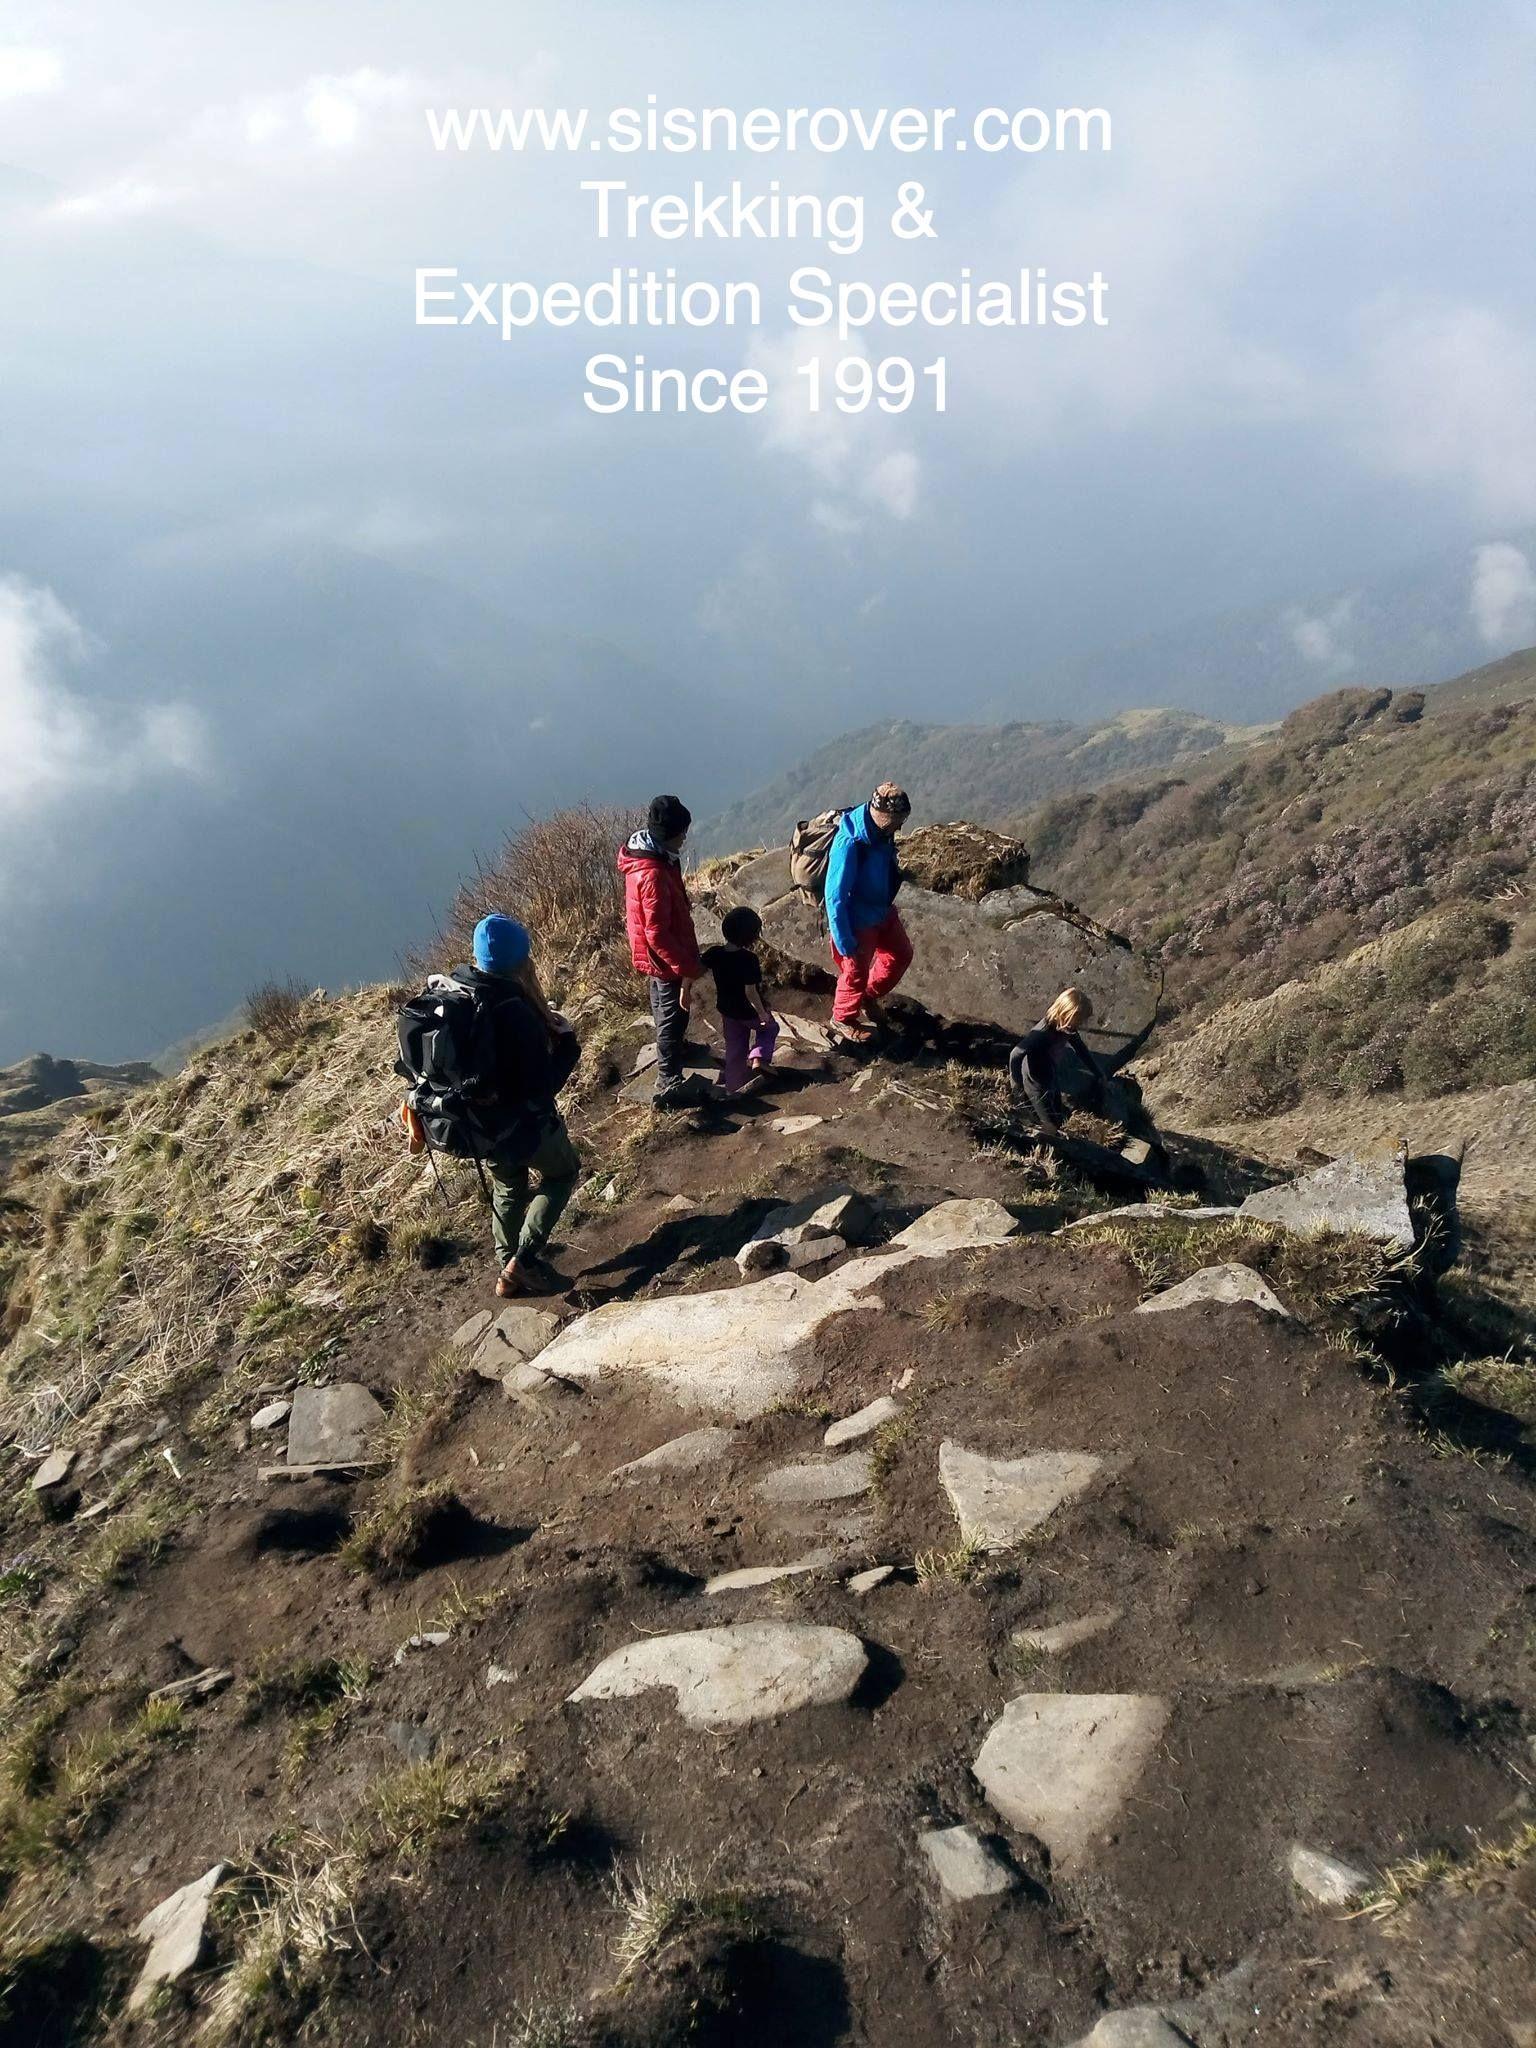 Nepal Trekking, Trek, Trekking